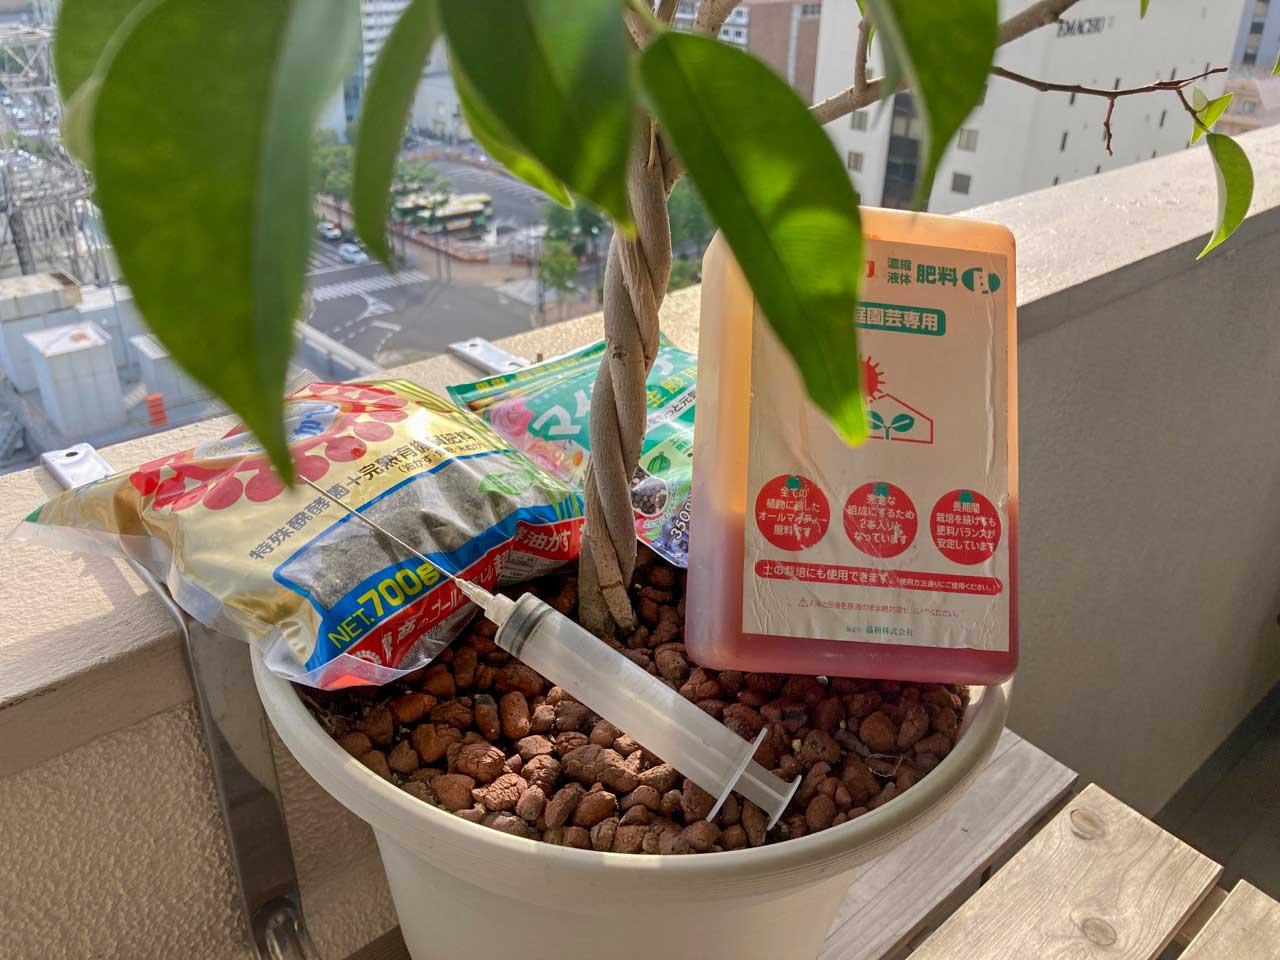 ベランダガーデニングで虫が来にくい肥料の選び方 【有機・化成】